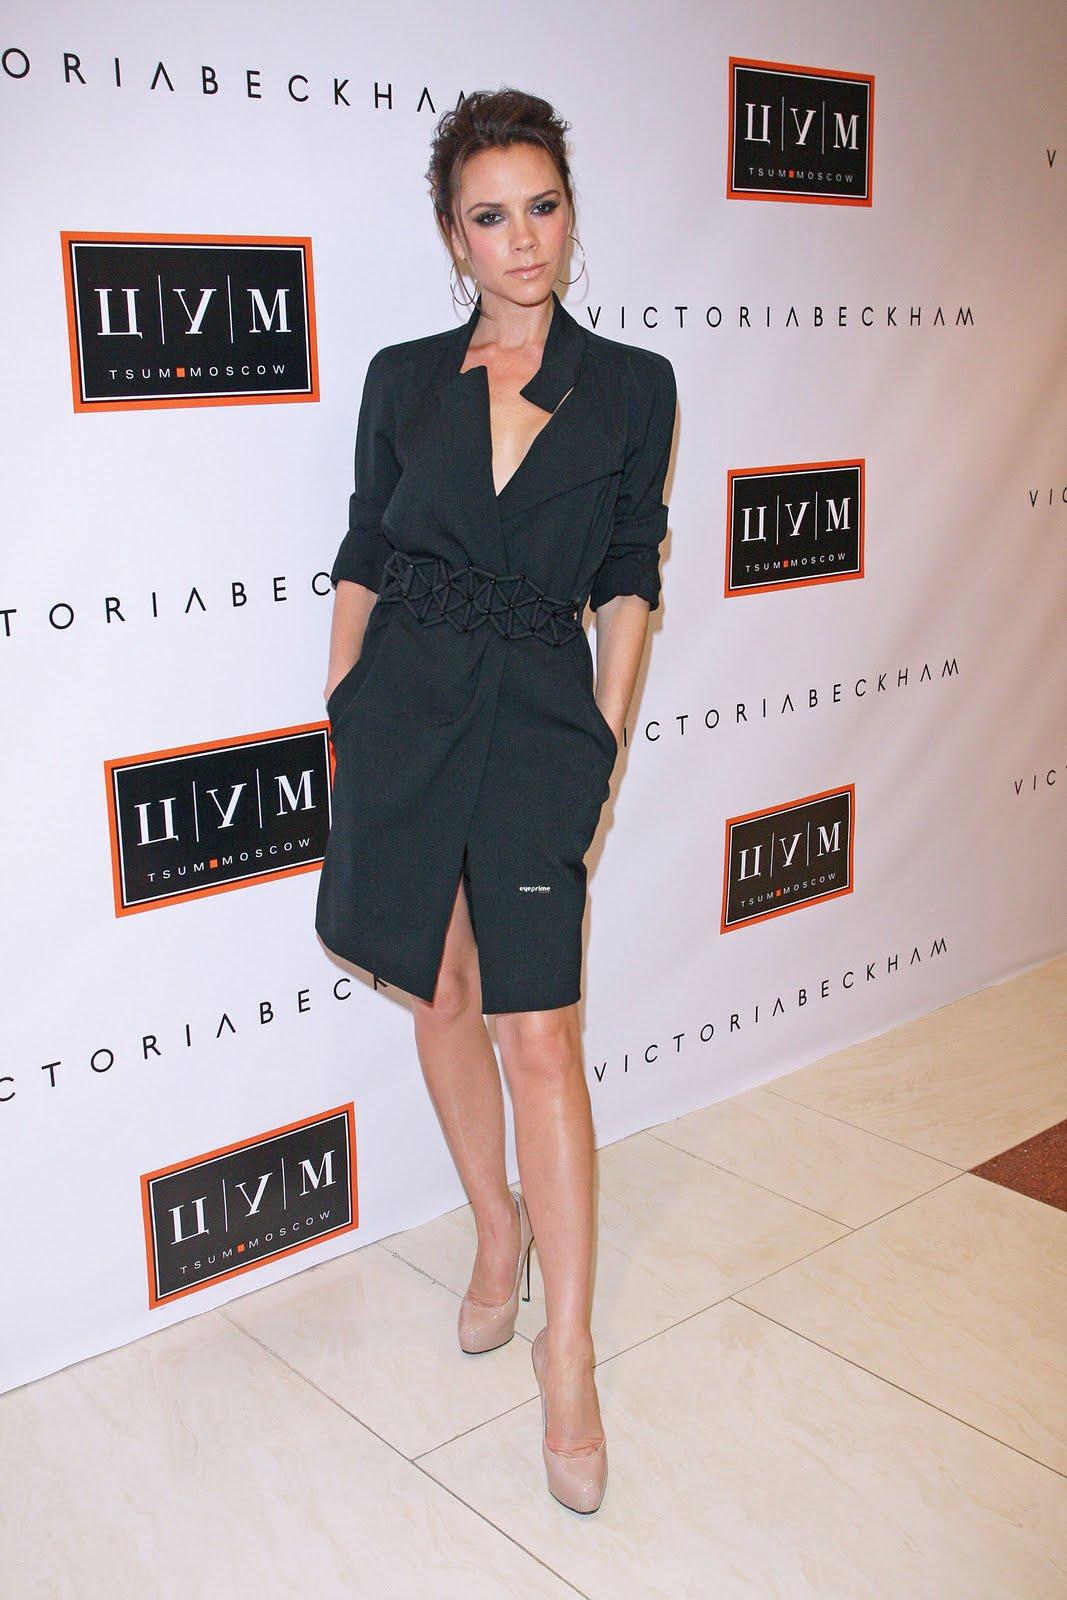 http://2.bp.blogspot.com/_6A8j2EQmANk/S8ROBn9xfMI/AAAAAAAAA44/T0YALNl8ls4/s1600/Victoria+Beckham7.jpg